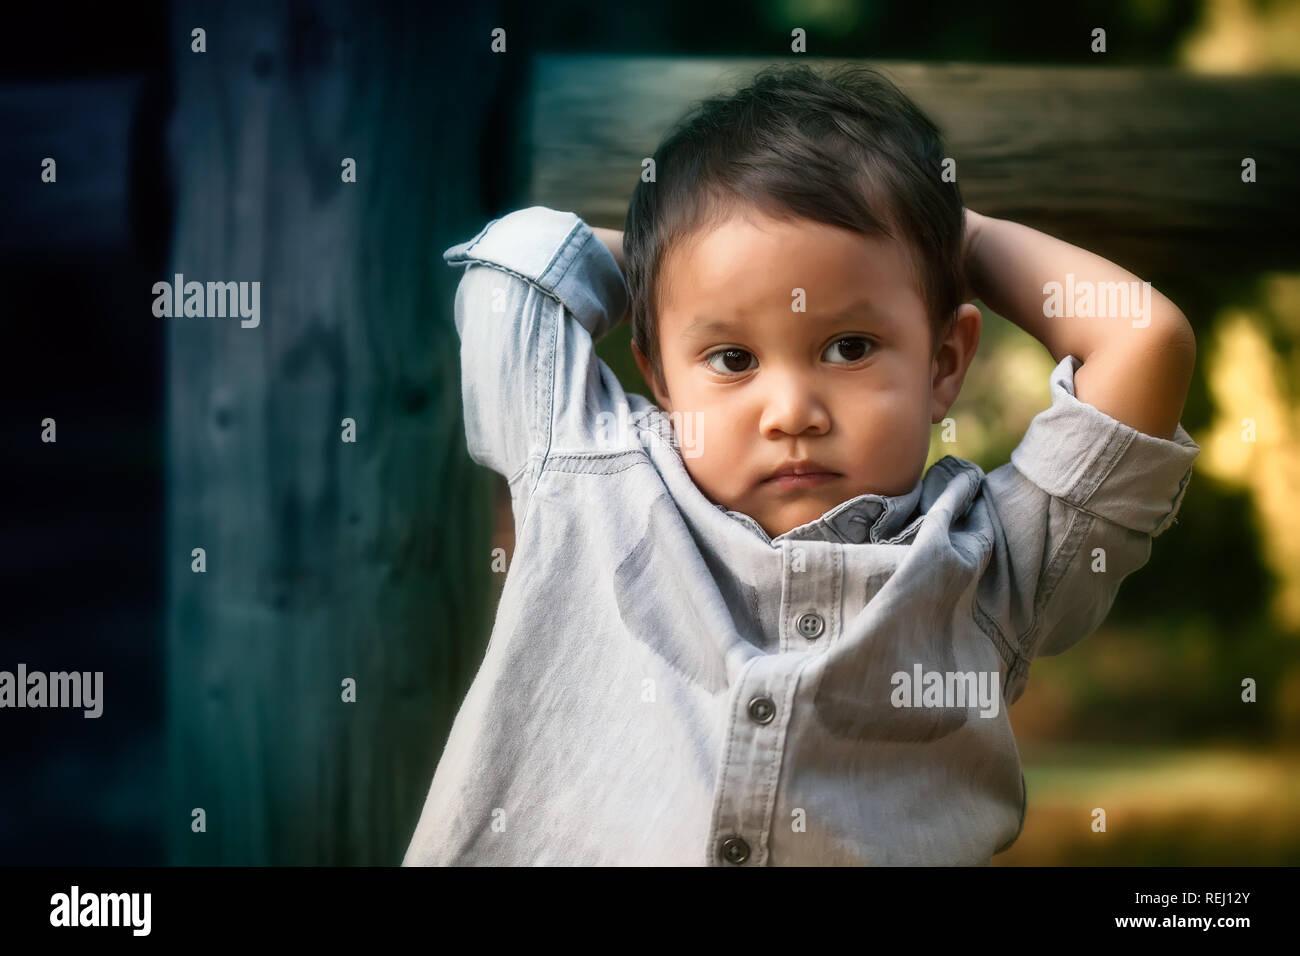 Jeune bébé garçon qui semble troublé, inquiet, ou d'exprimer des comportements sociaux tout en maintenant sa tête avec ses bras. Banque D'Images